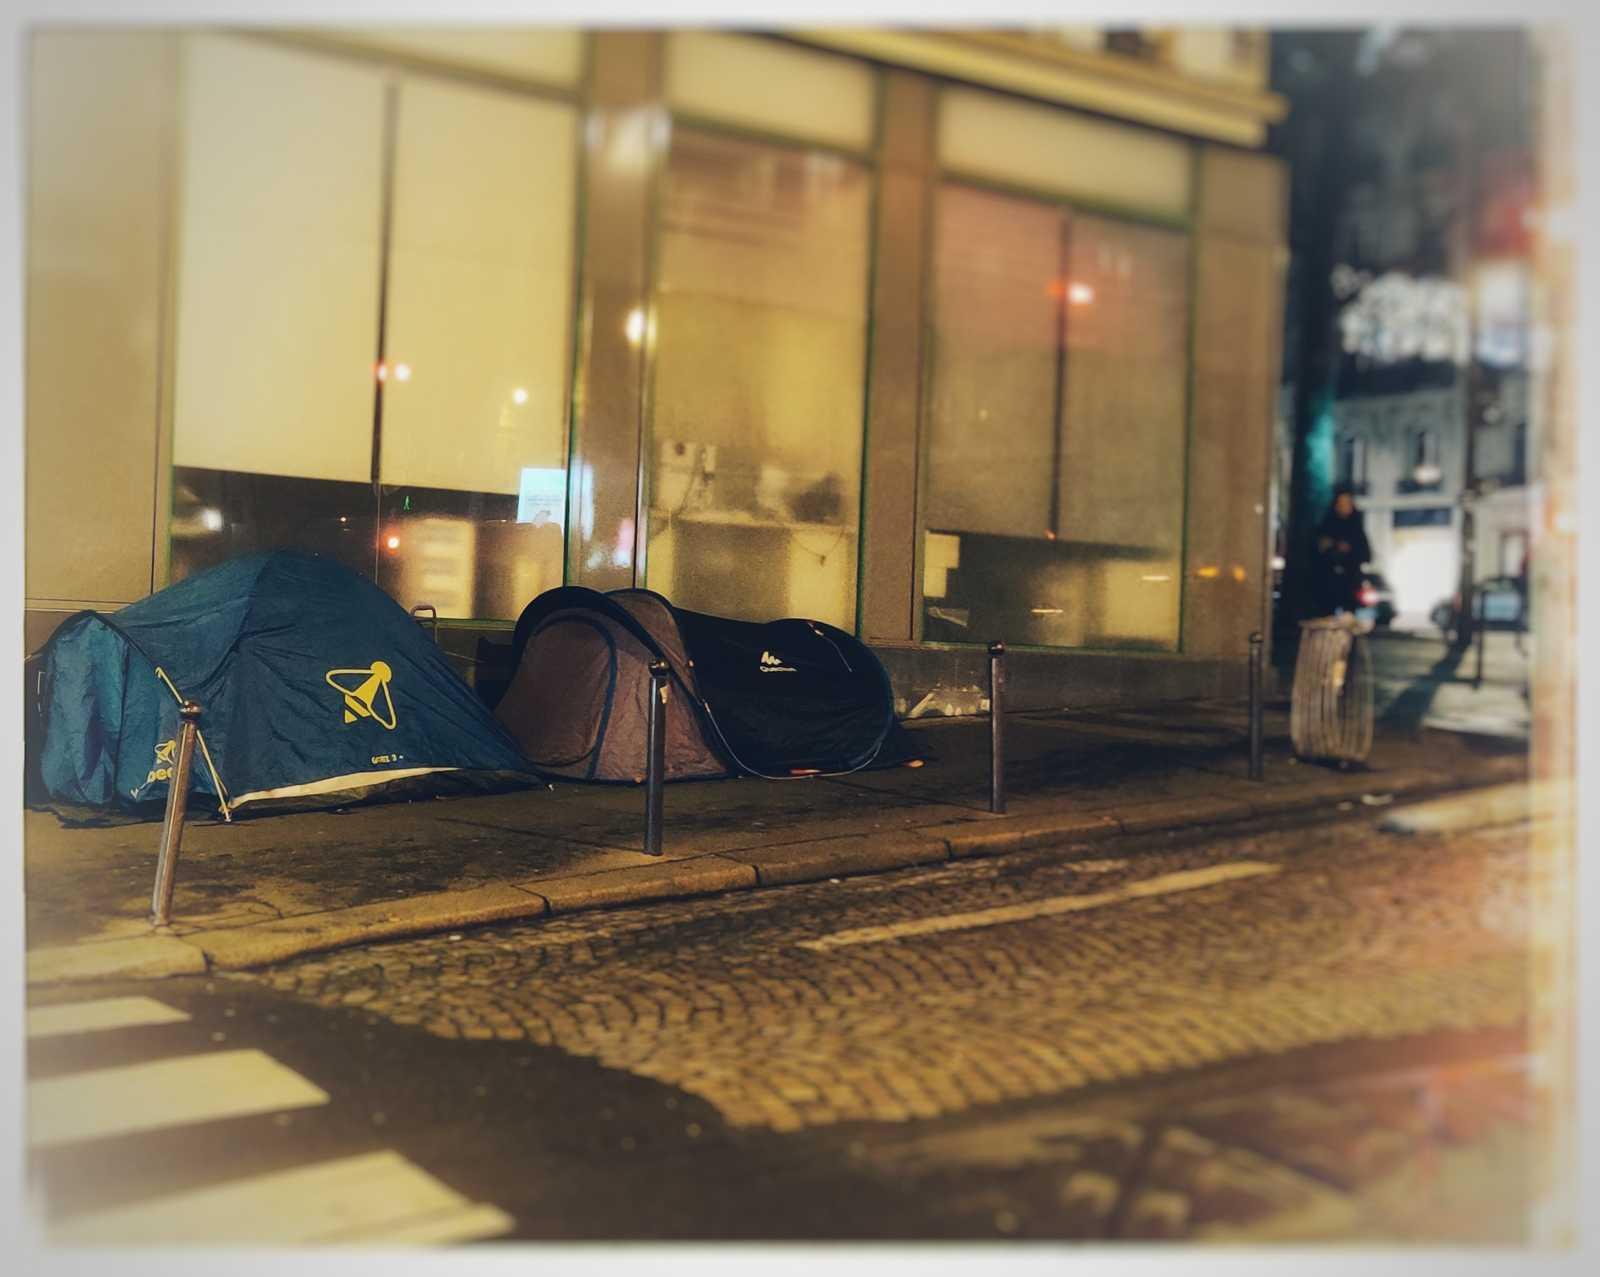 Die Autofahrbahn besteht aus Pflastersteinen, während das an die Zelte angrenzende Gebäude eine glatte Marmorfassade aufweicht. Das Bild wurde bearbeitet sodass der Licht und Schärfe Fokus auf die Zelte liegt. Die restlichen Farben, darunter das rot einer Ampel, werden verschwommen dargestellt. Das Photo wurde von Urbanauth 2020 in Paris aufgenommen.